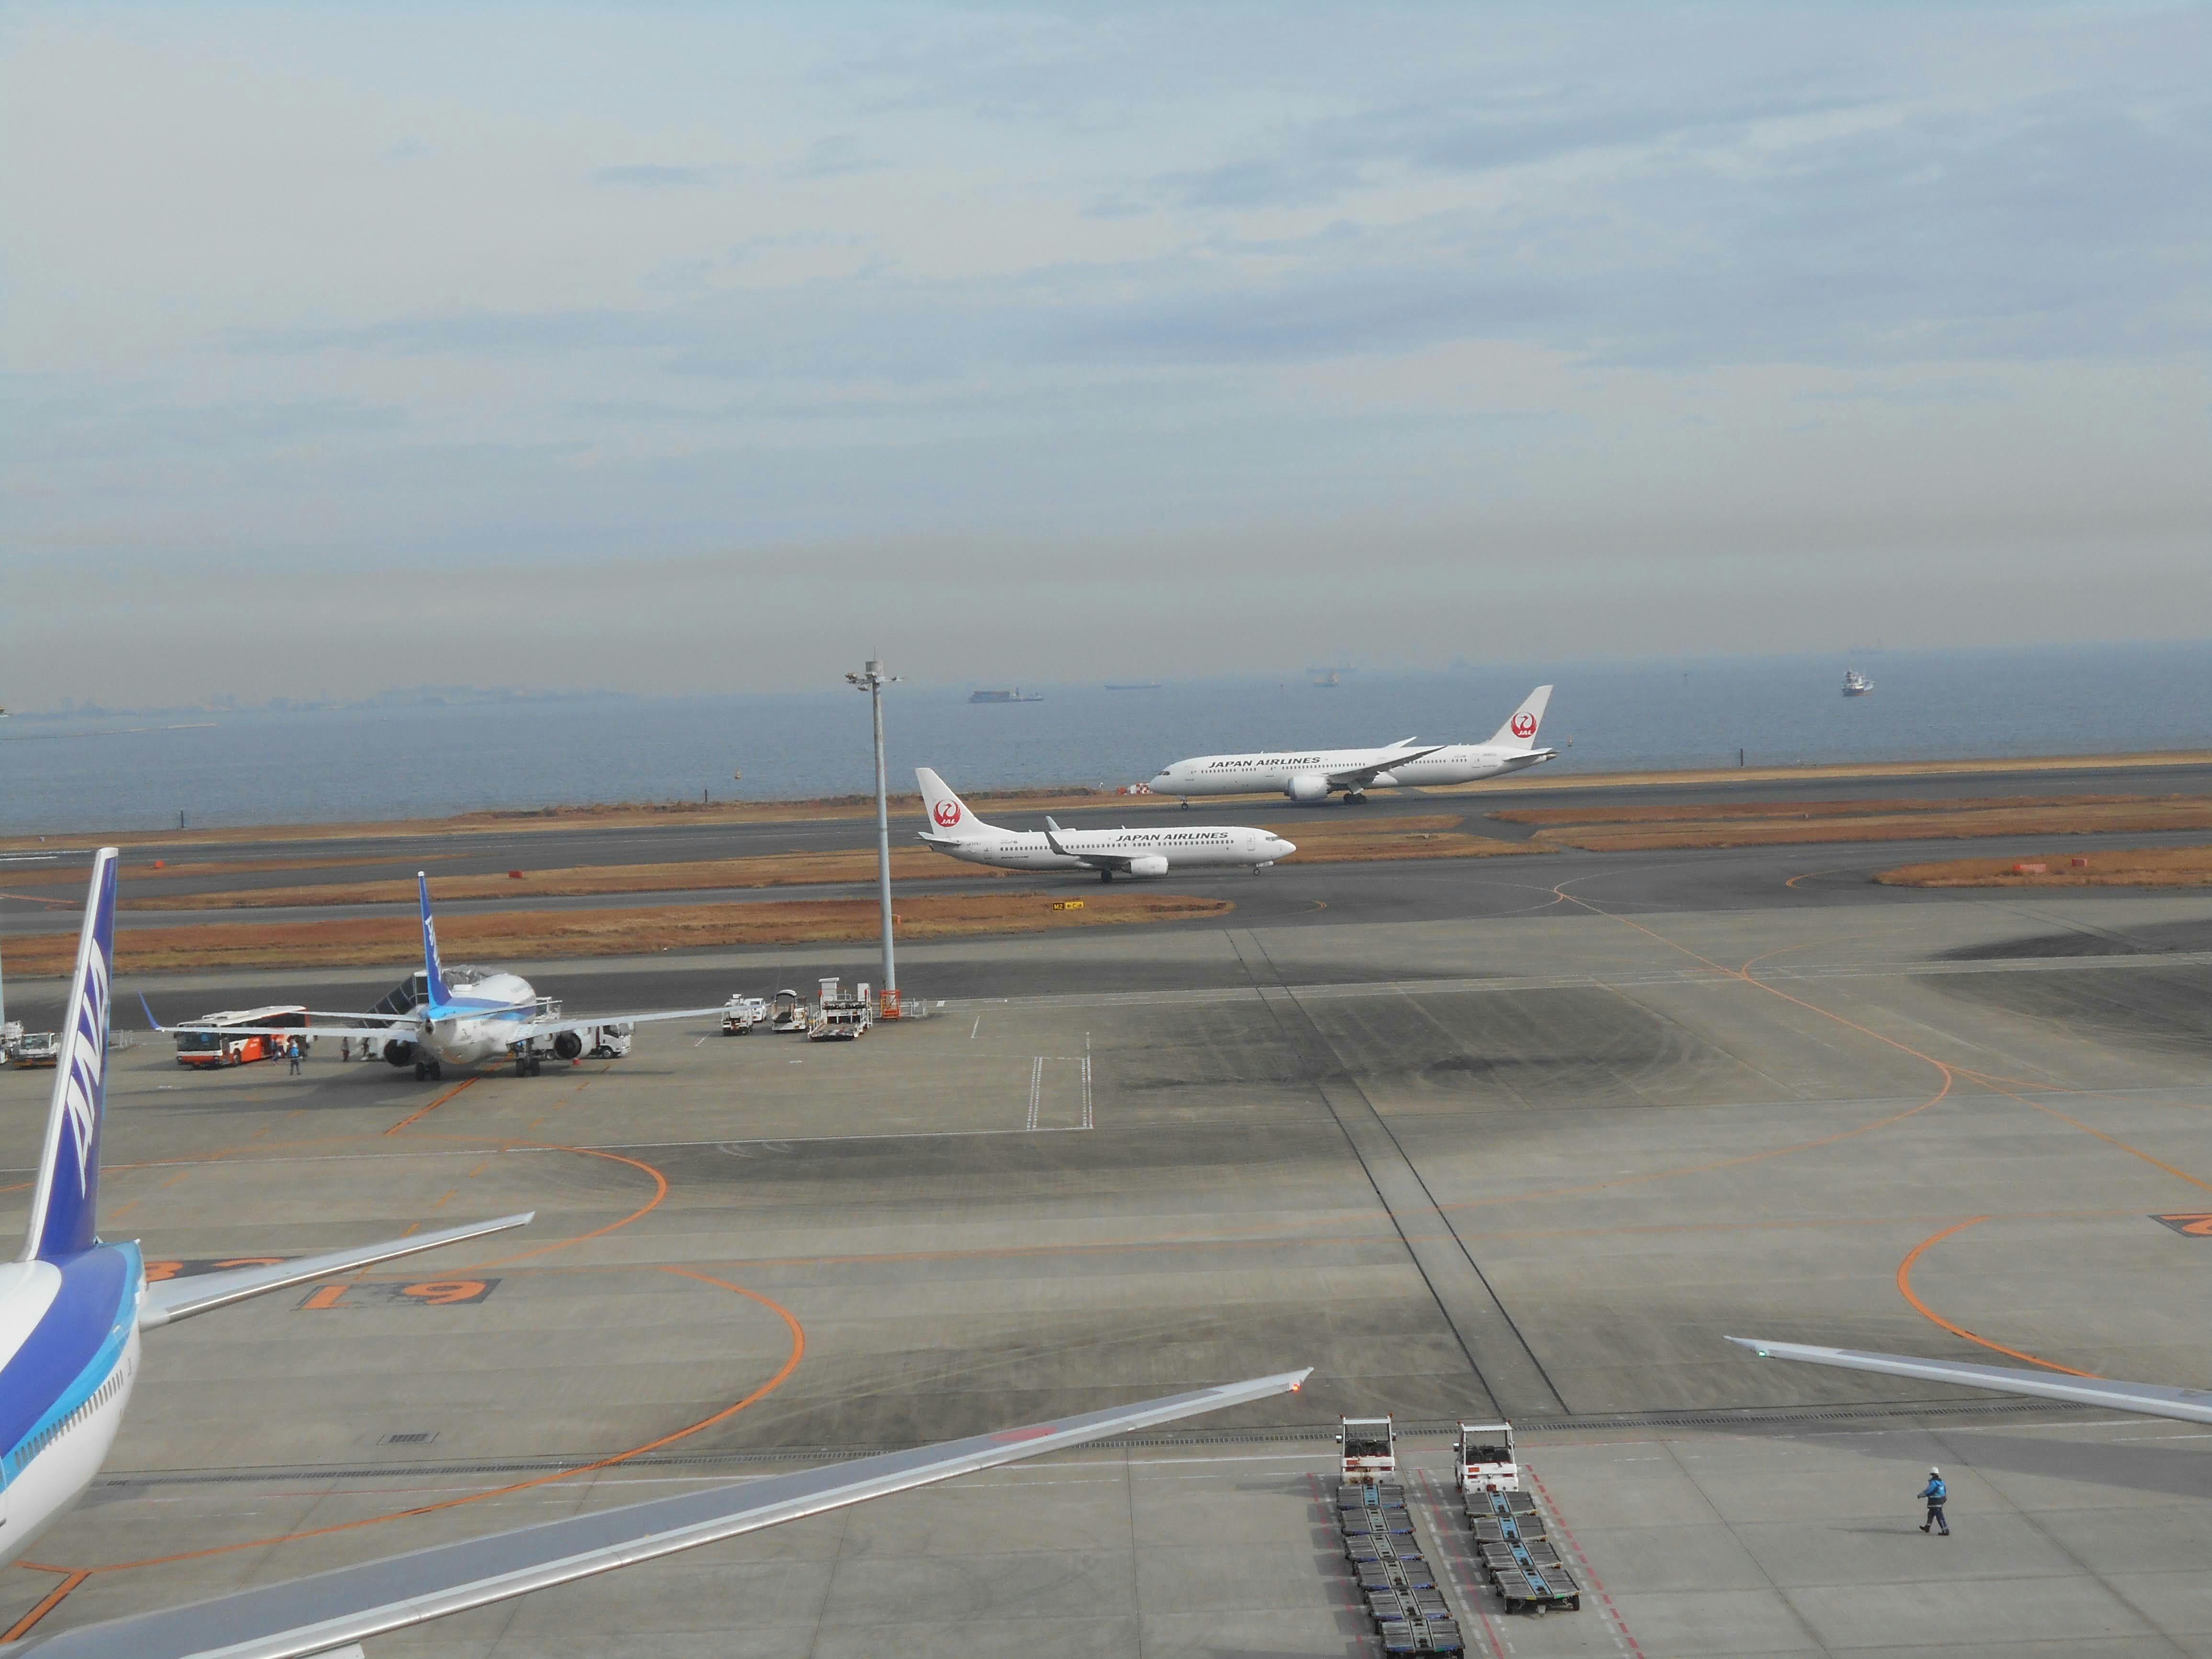 f:id:A350-900:20210110212716j:image